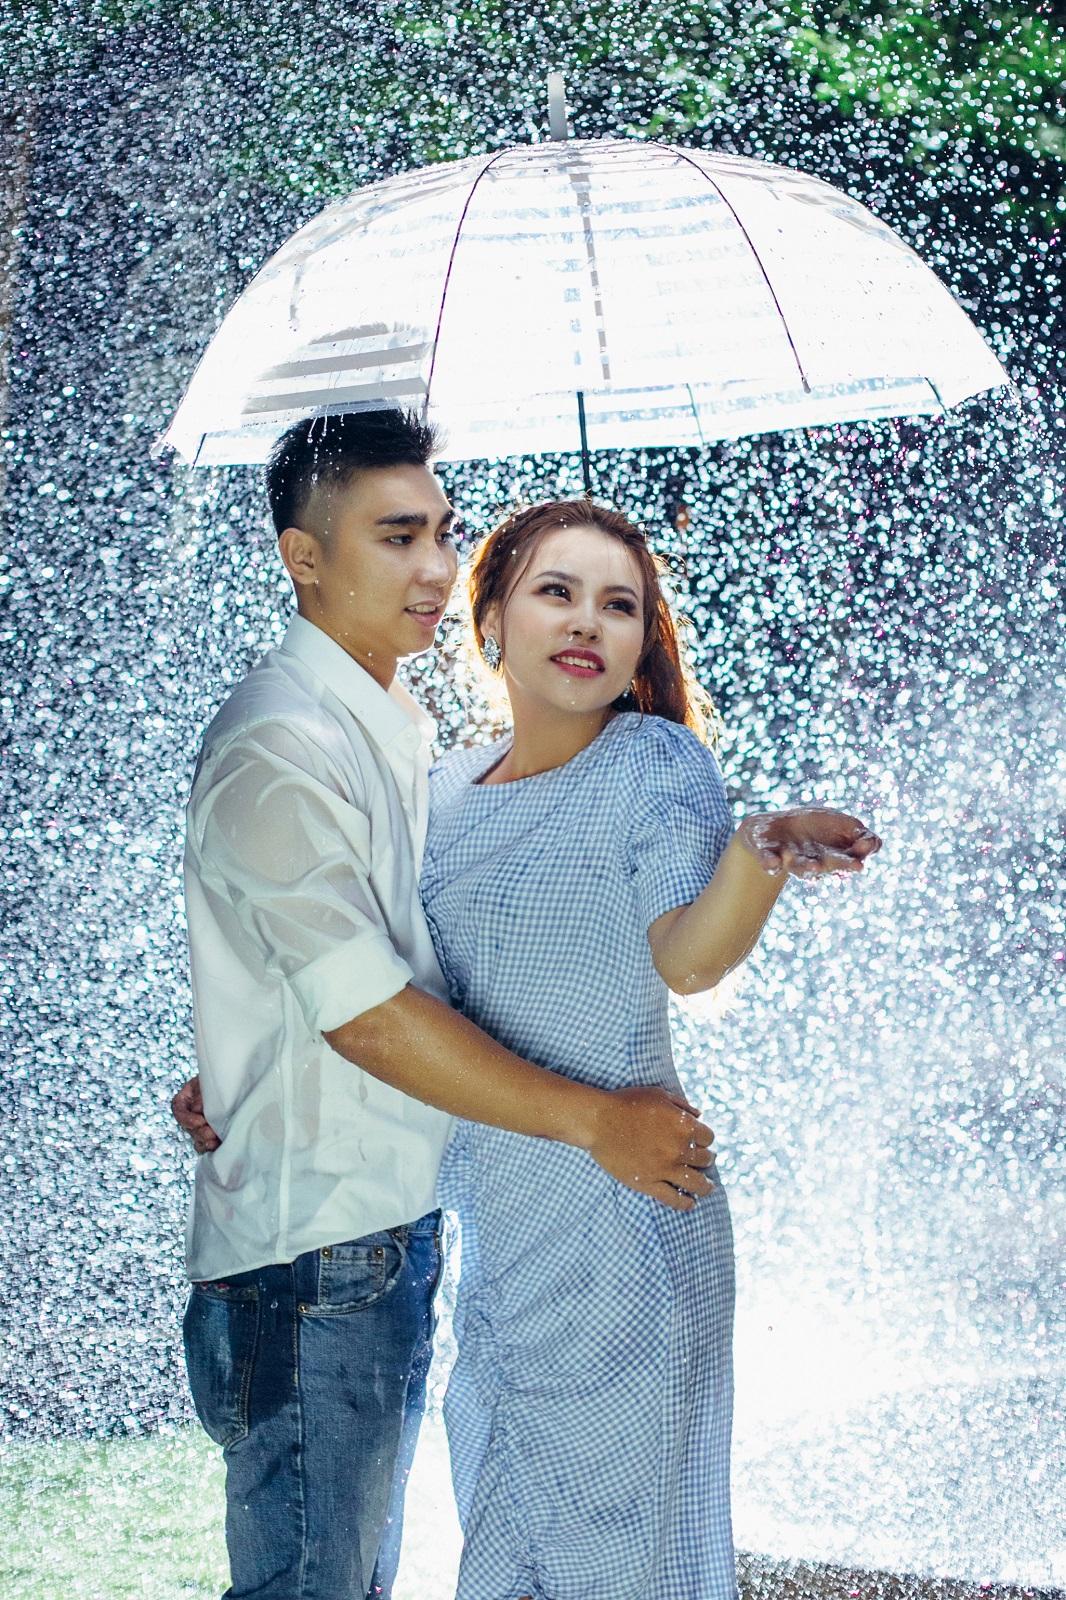 Phim trường đẹp nhất Gia Lai đang đốn tim các cặp tình nhân